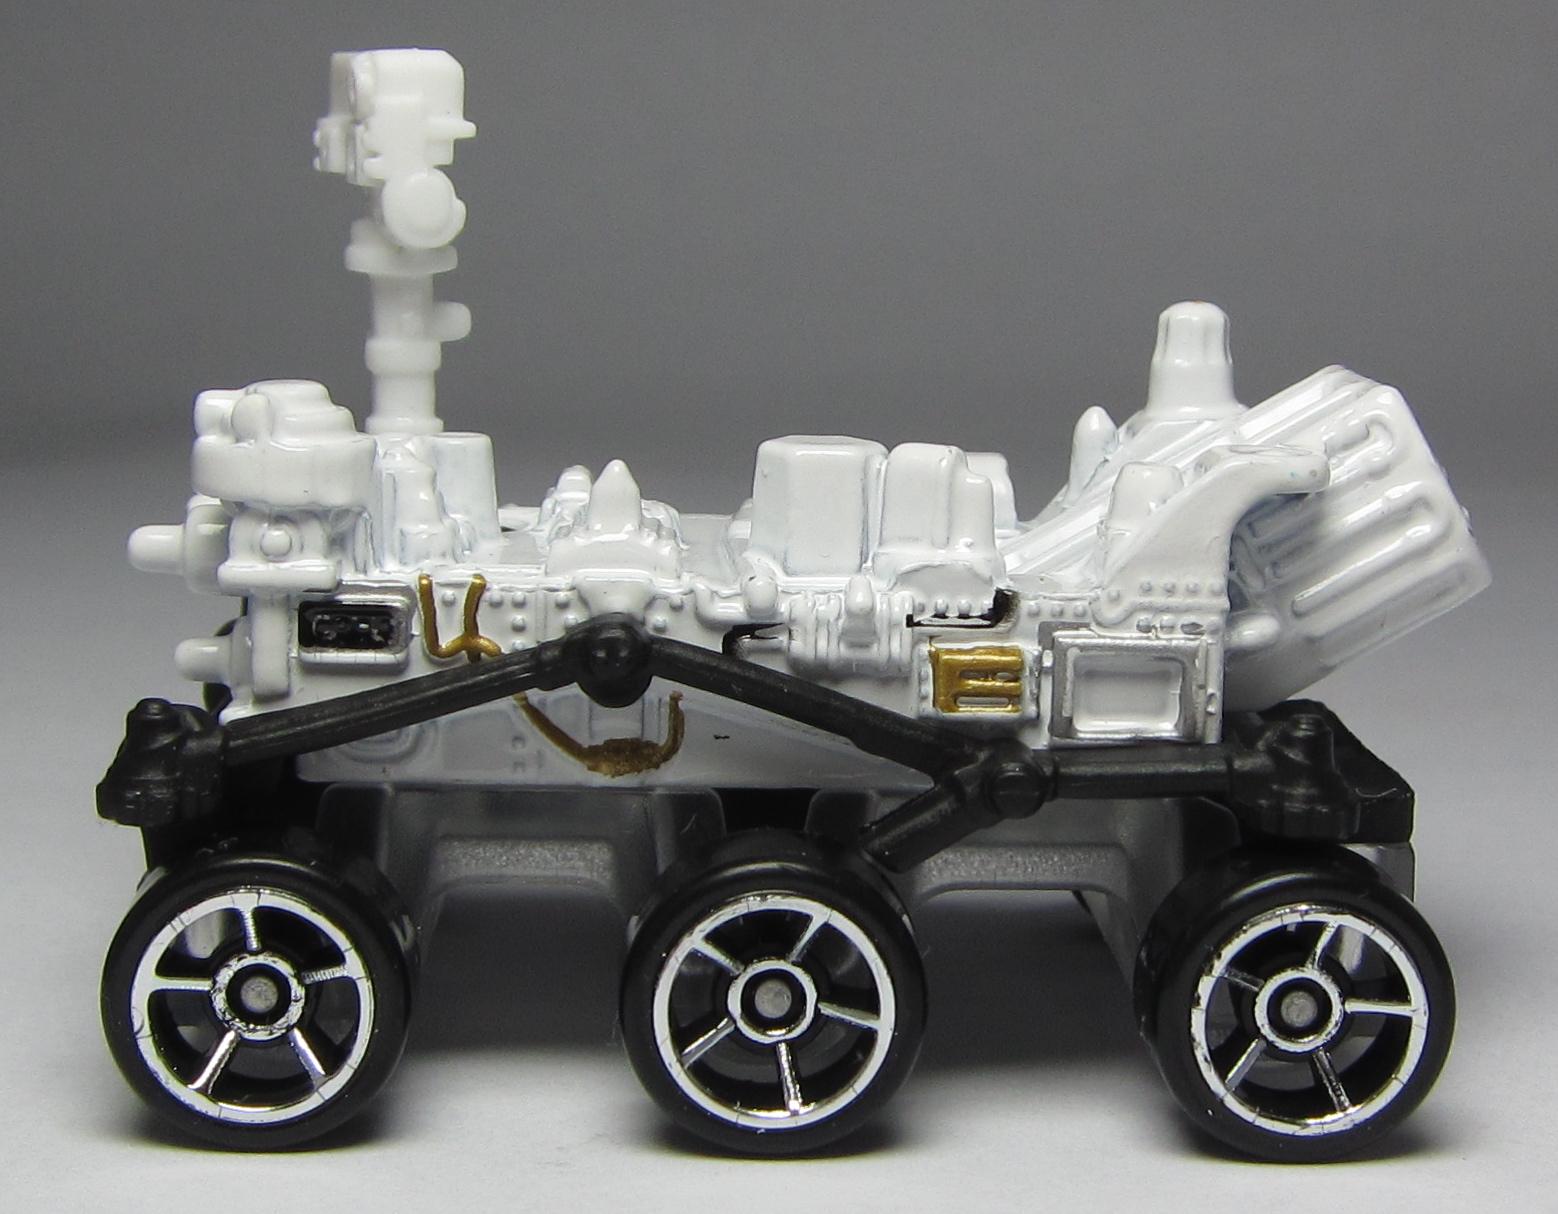 2017 hot wheels mars rover - photo #37